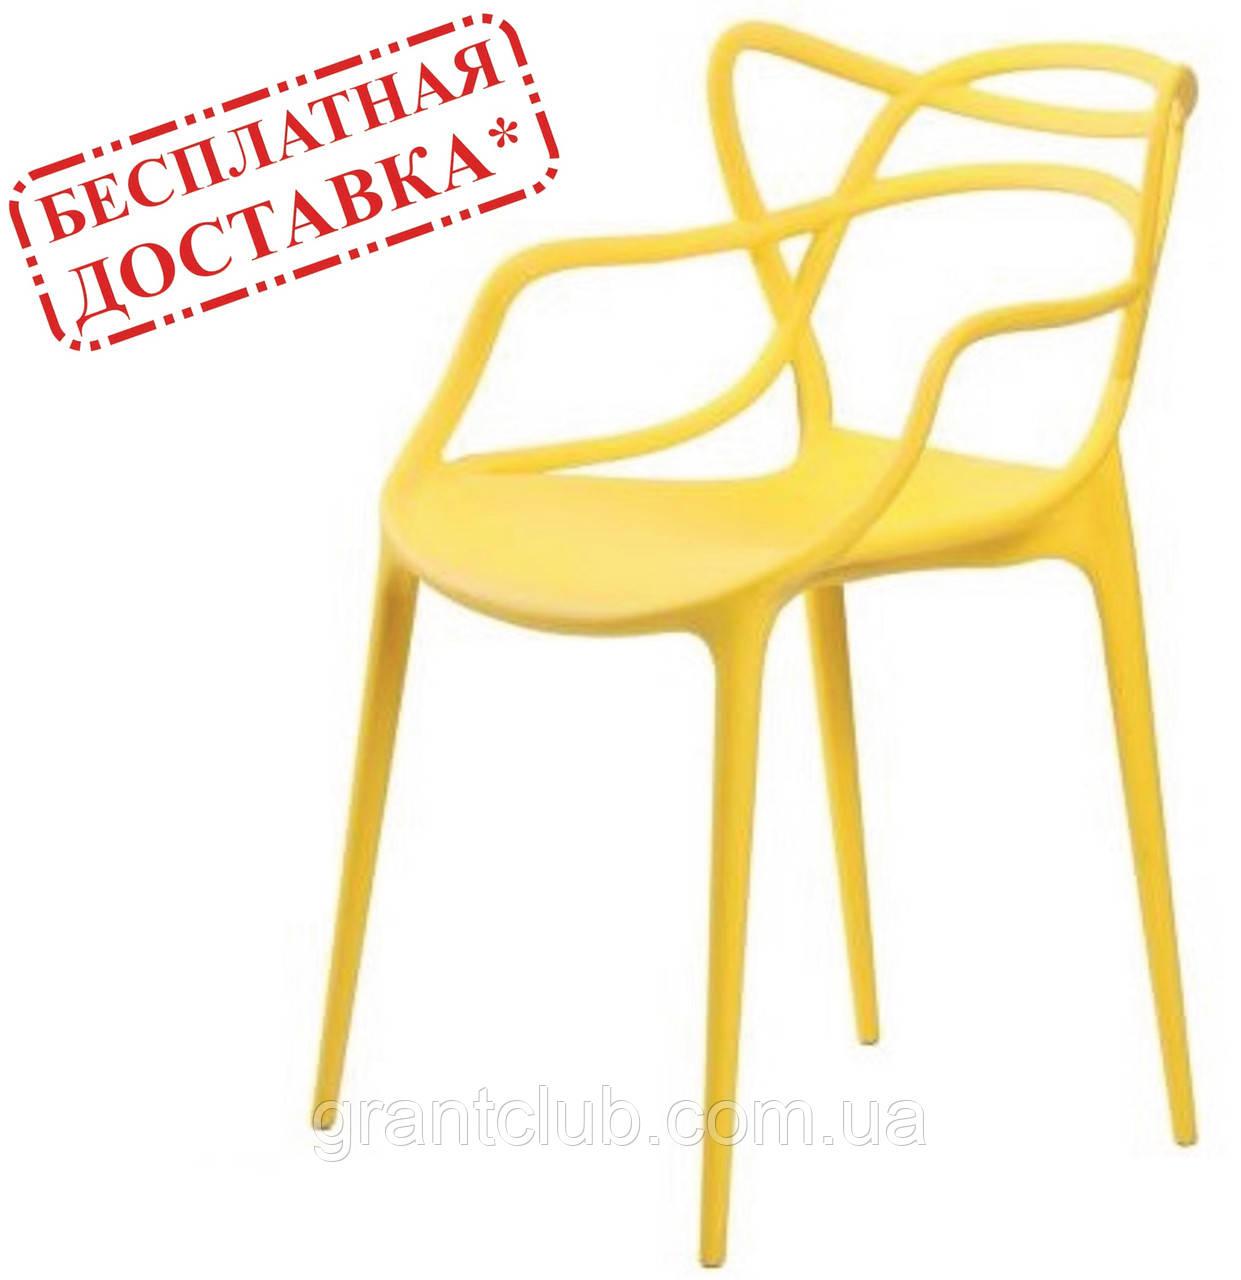 Стул Мастерс желтый пластик СДМ группа (бесплатная доставка)